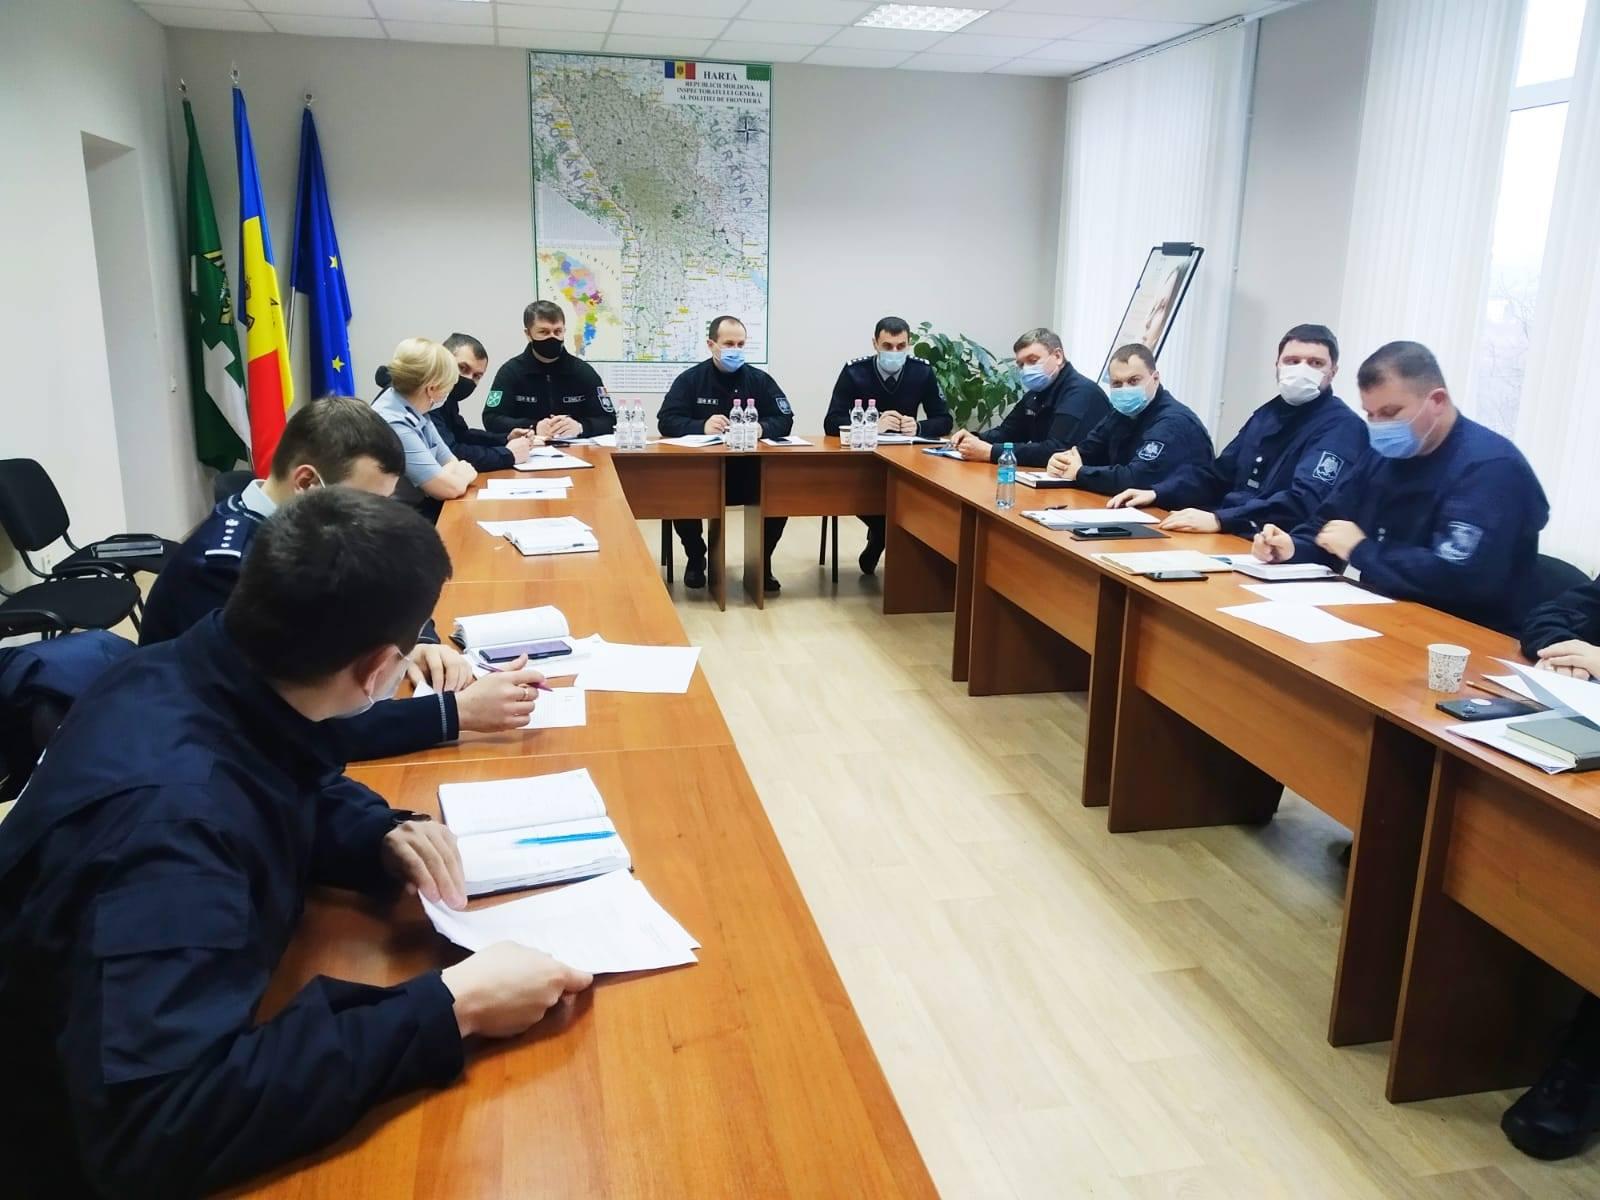 Direcția regională Centru a Poliției de Frontieră și-a prezentat analiza pe activitate în anul 2020